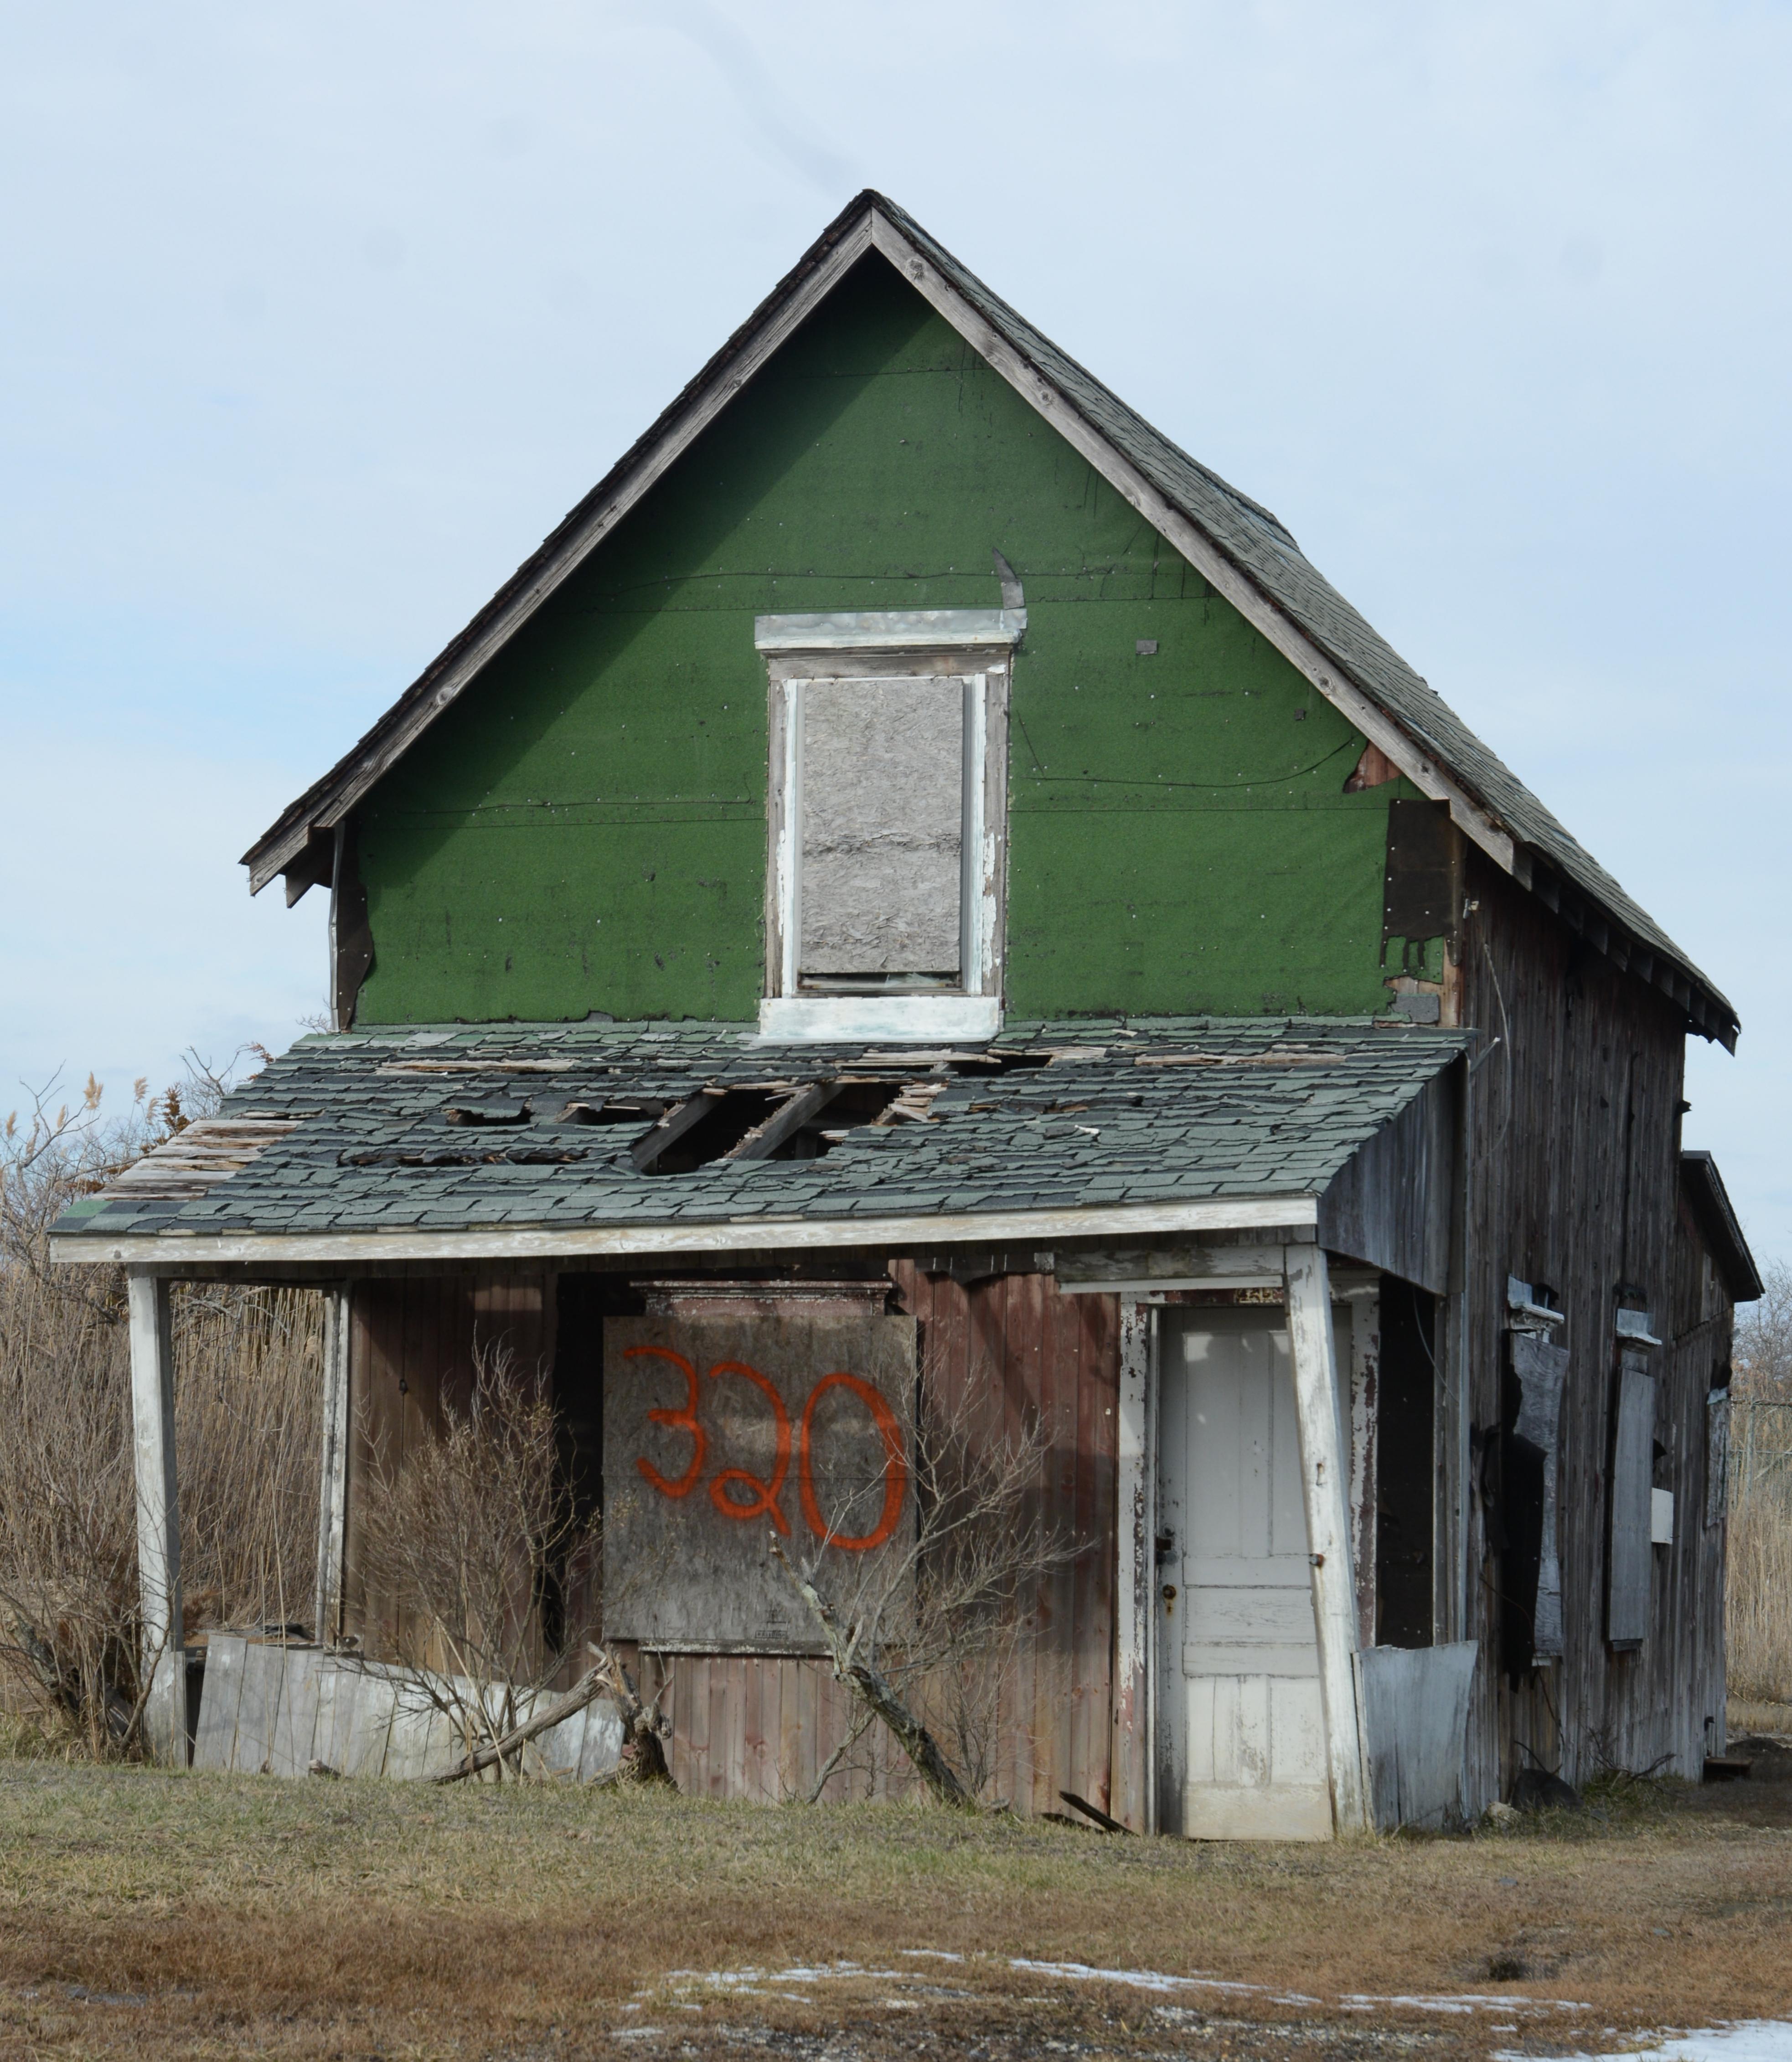 Storm Damaged House, Abandoned, Damage, Flood, House, HQ Photo